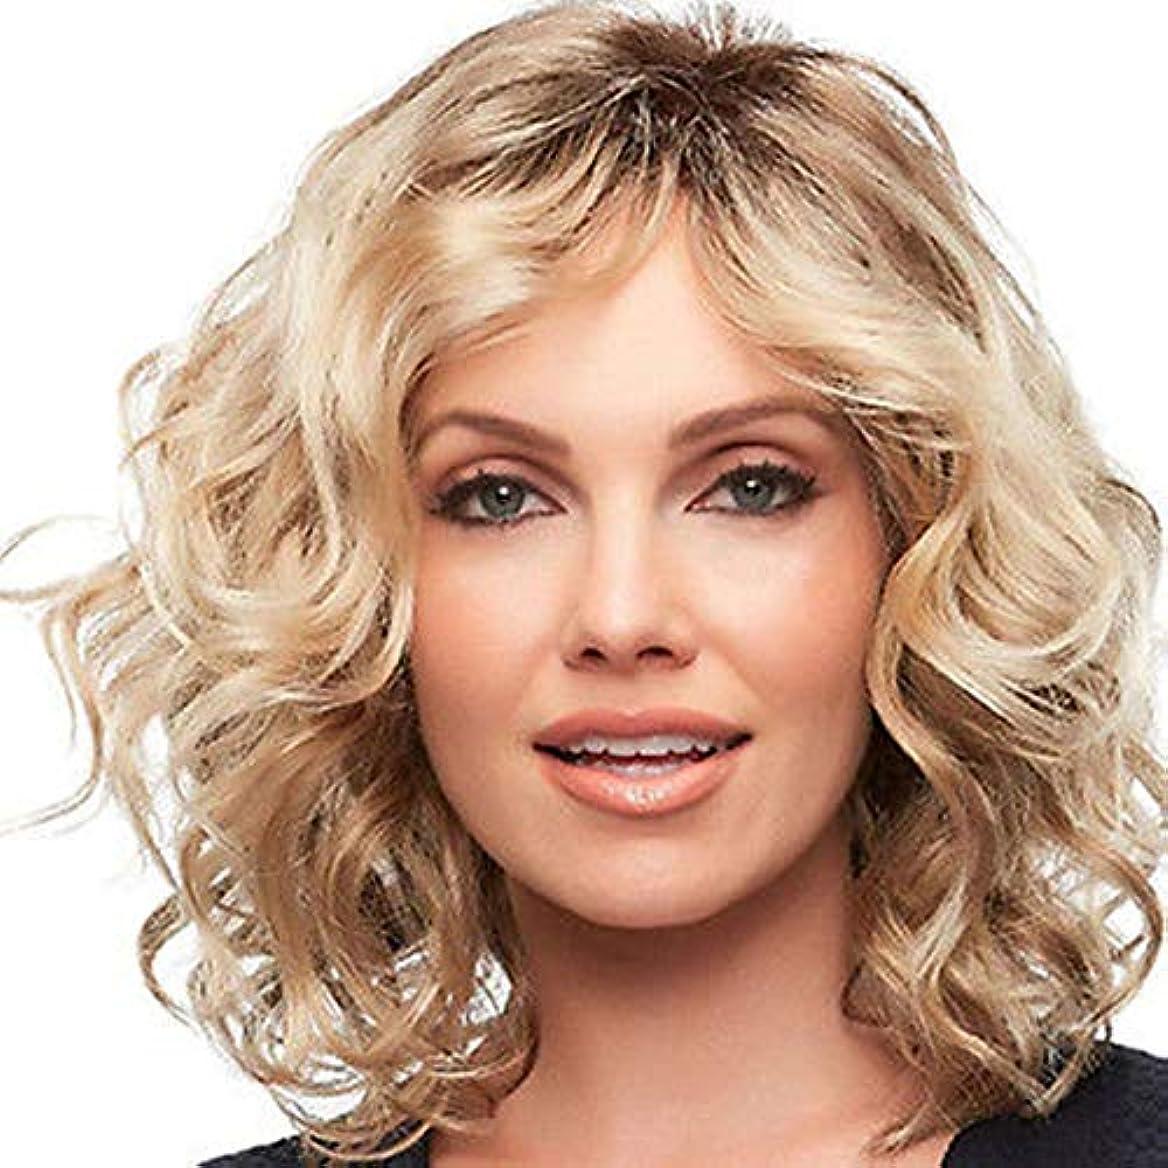 将来の首許可するWASAIO スタイル交換ふわふわかつらスタイリング中部用の女性の金髪ショートヘアアクセサリー (色 : Blonde)